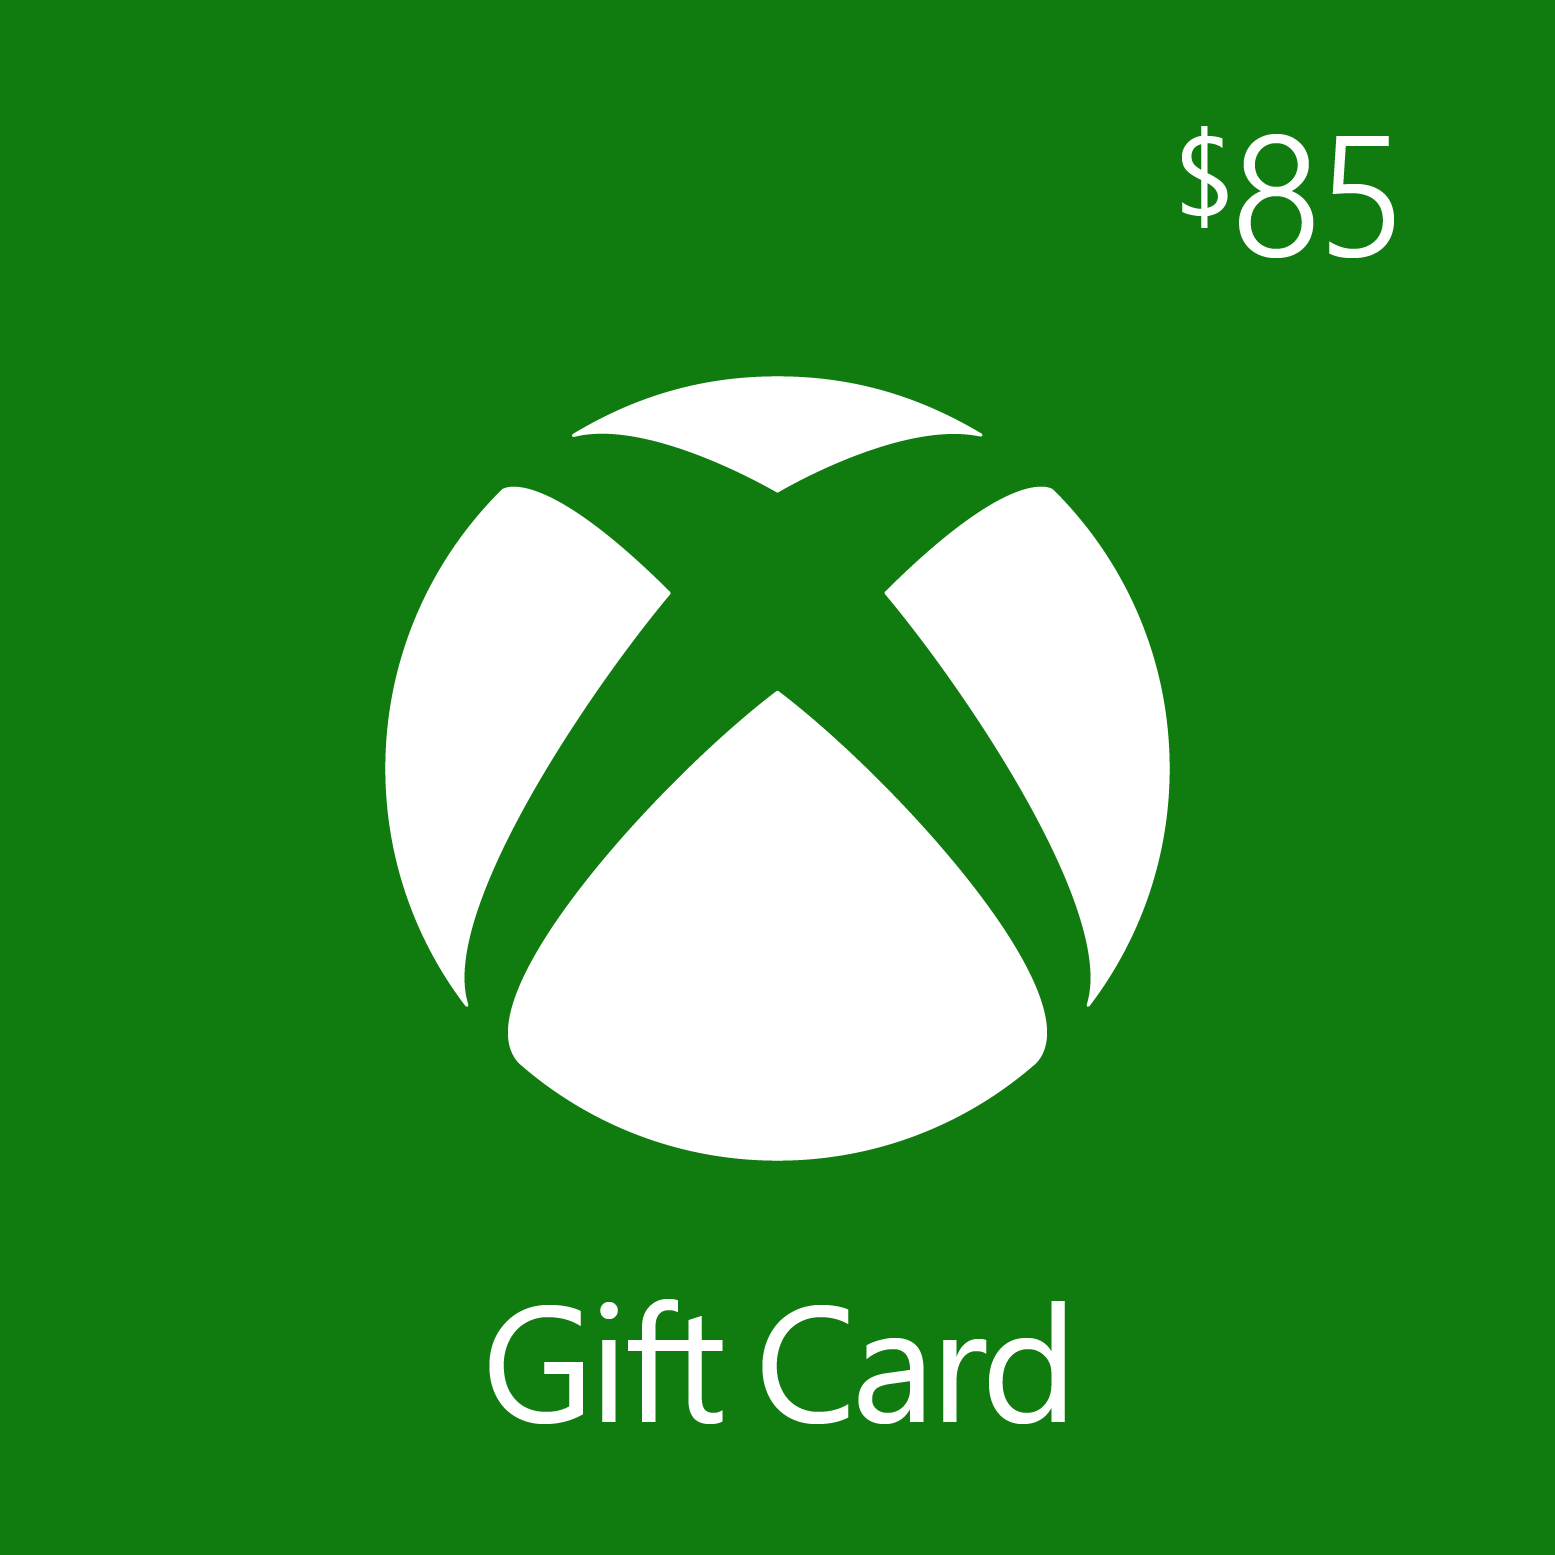 $85.00 Xbox Digital Gift Card